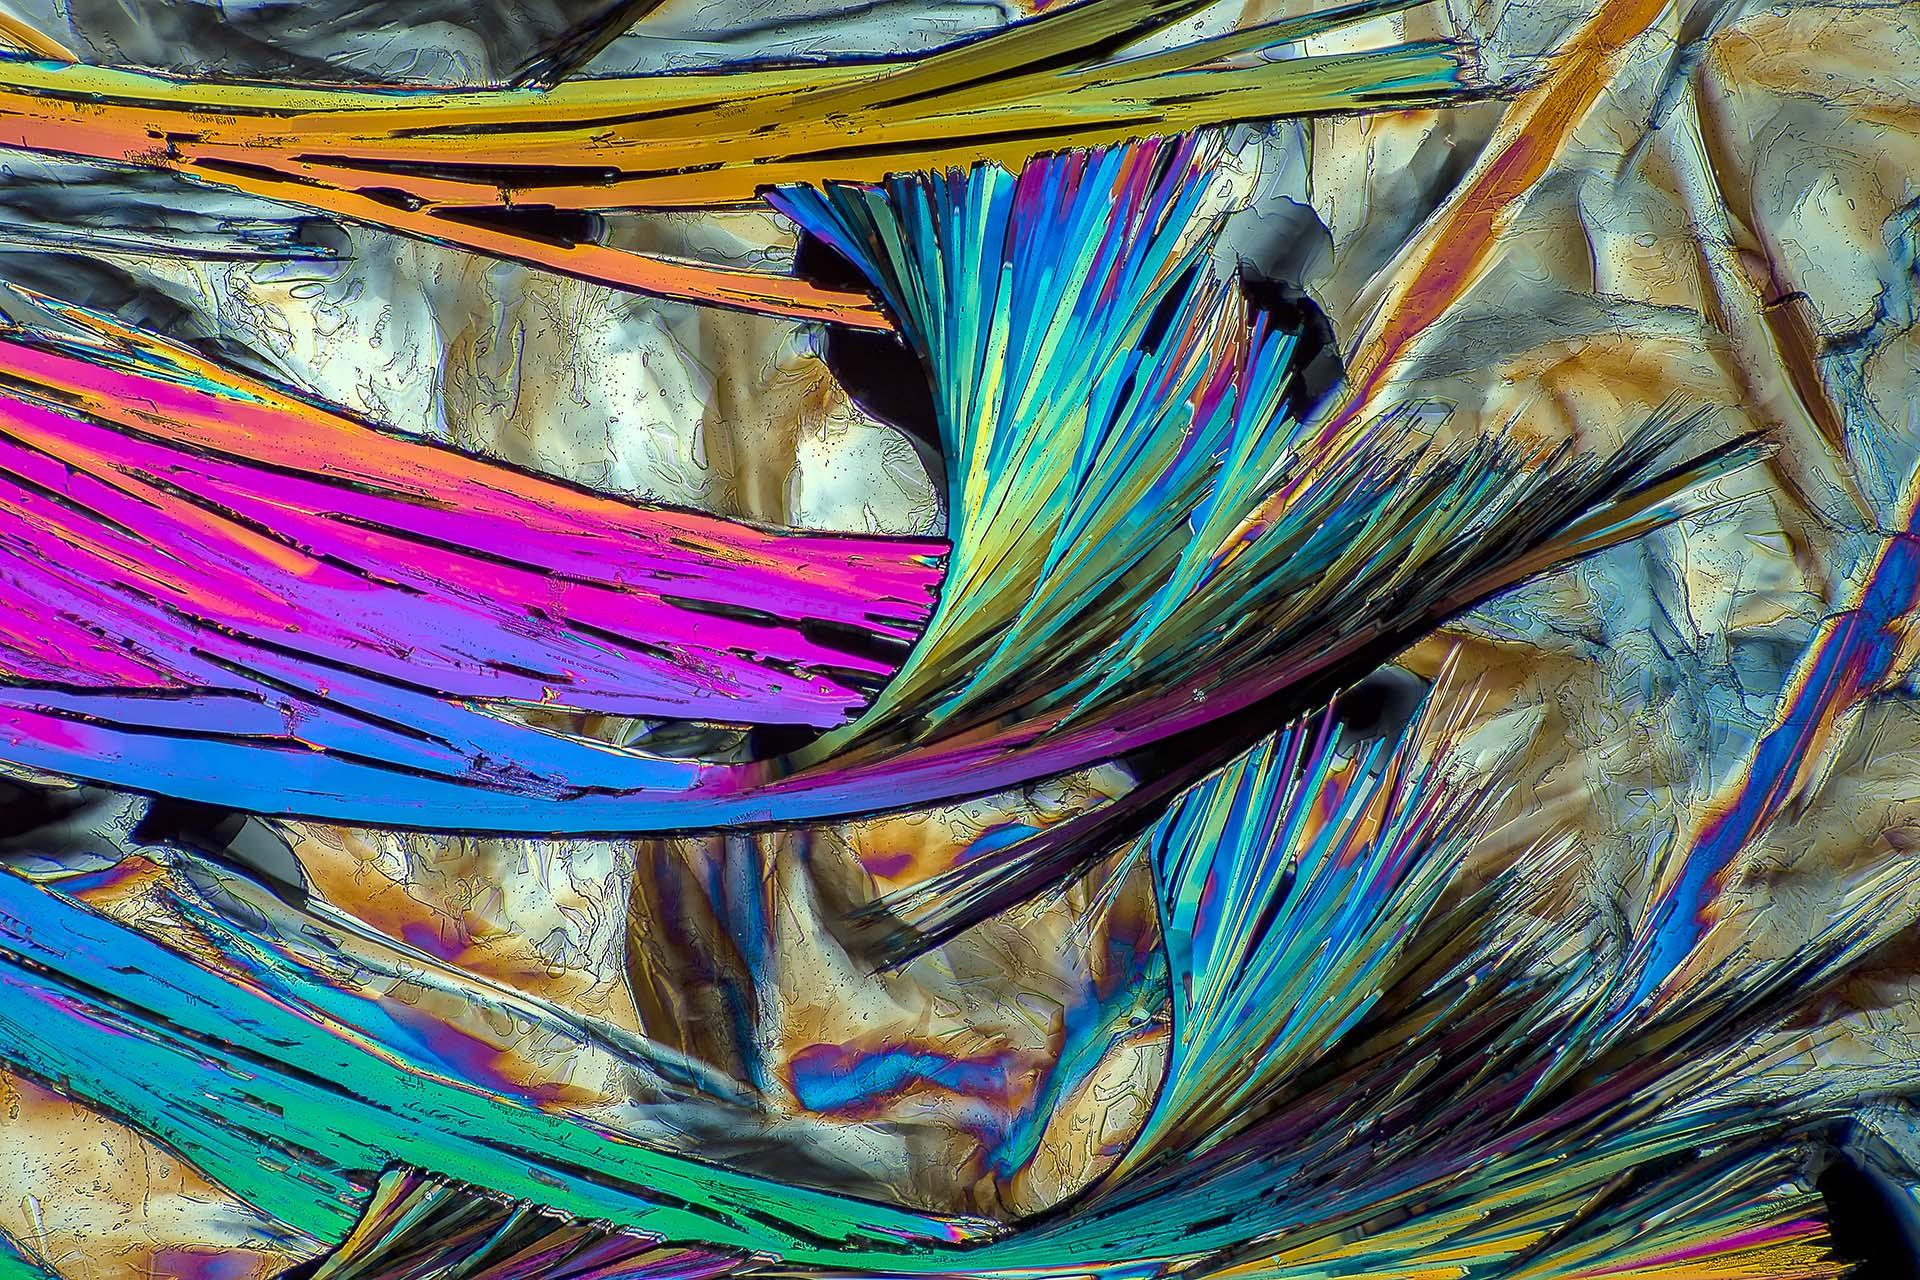 Laurinsäure in einer Vergrößerung von 120:1, Mikro Kristall im polarisierten Licht.